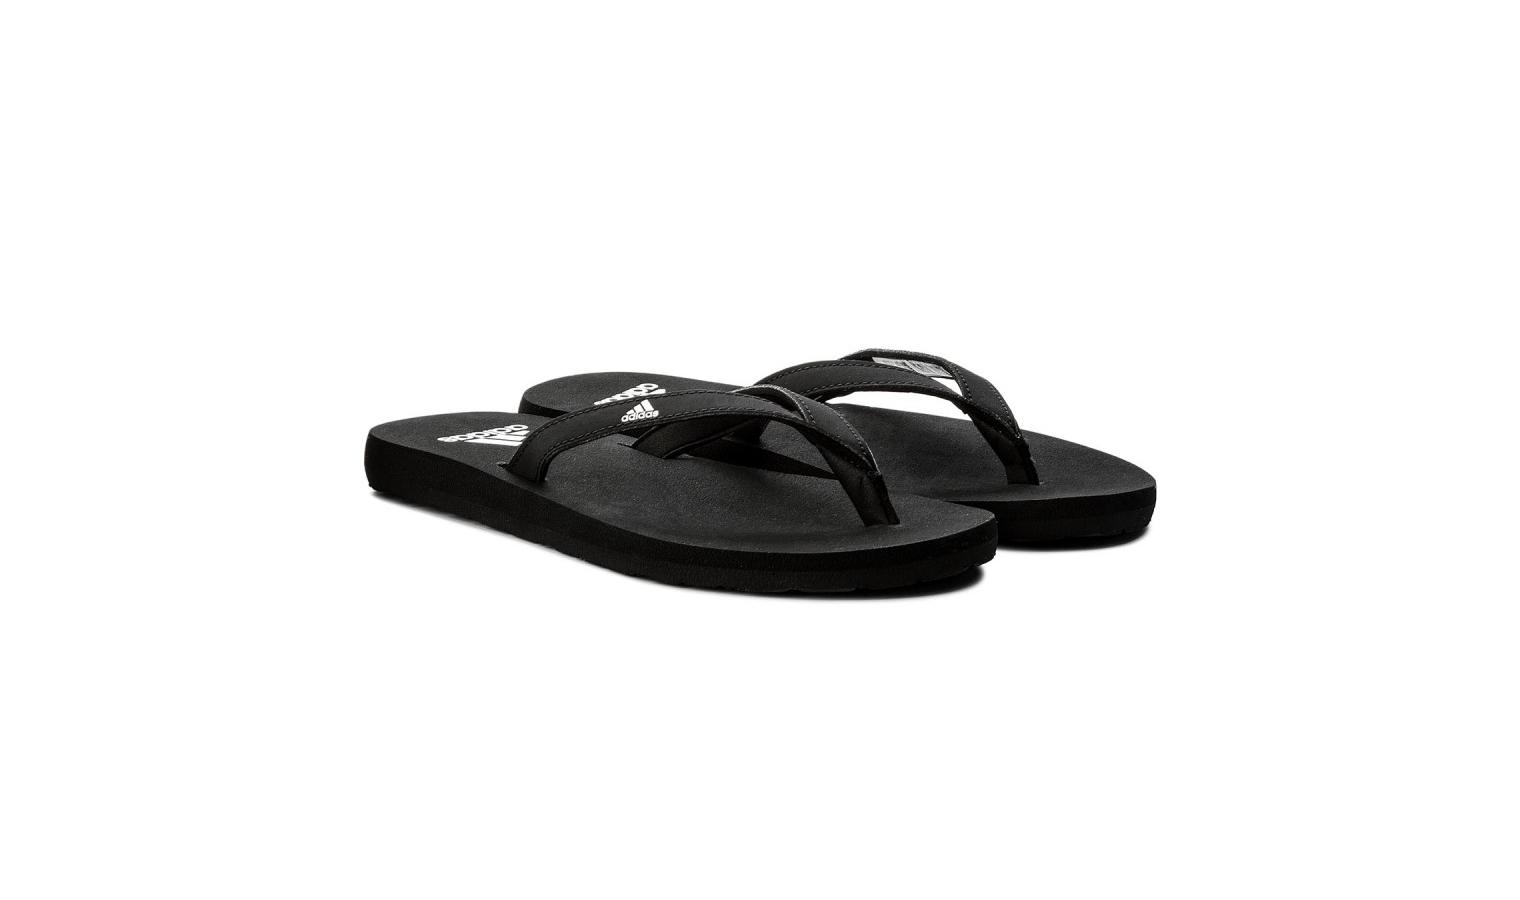 165074a3533 Dámské žabky adidas EEZAY FLIP FLOP W černé